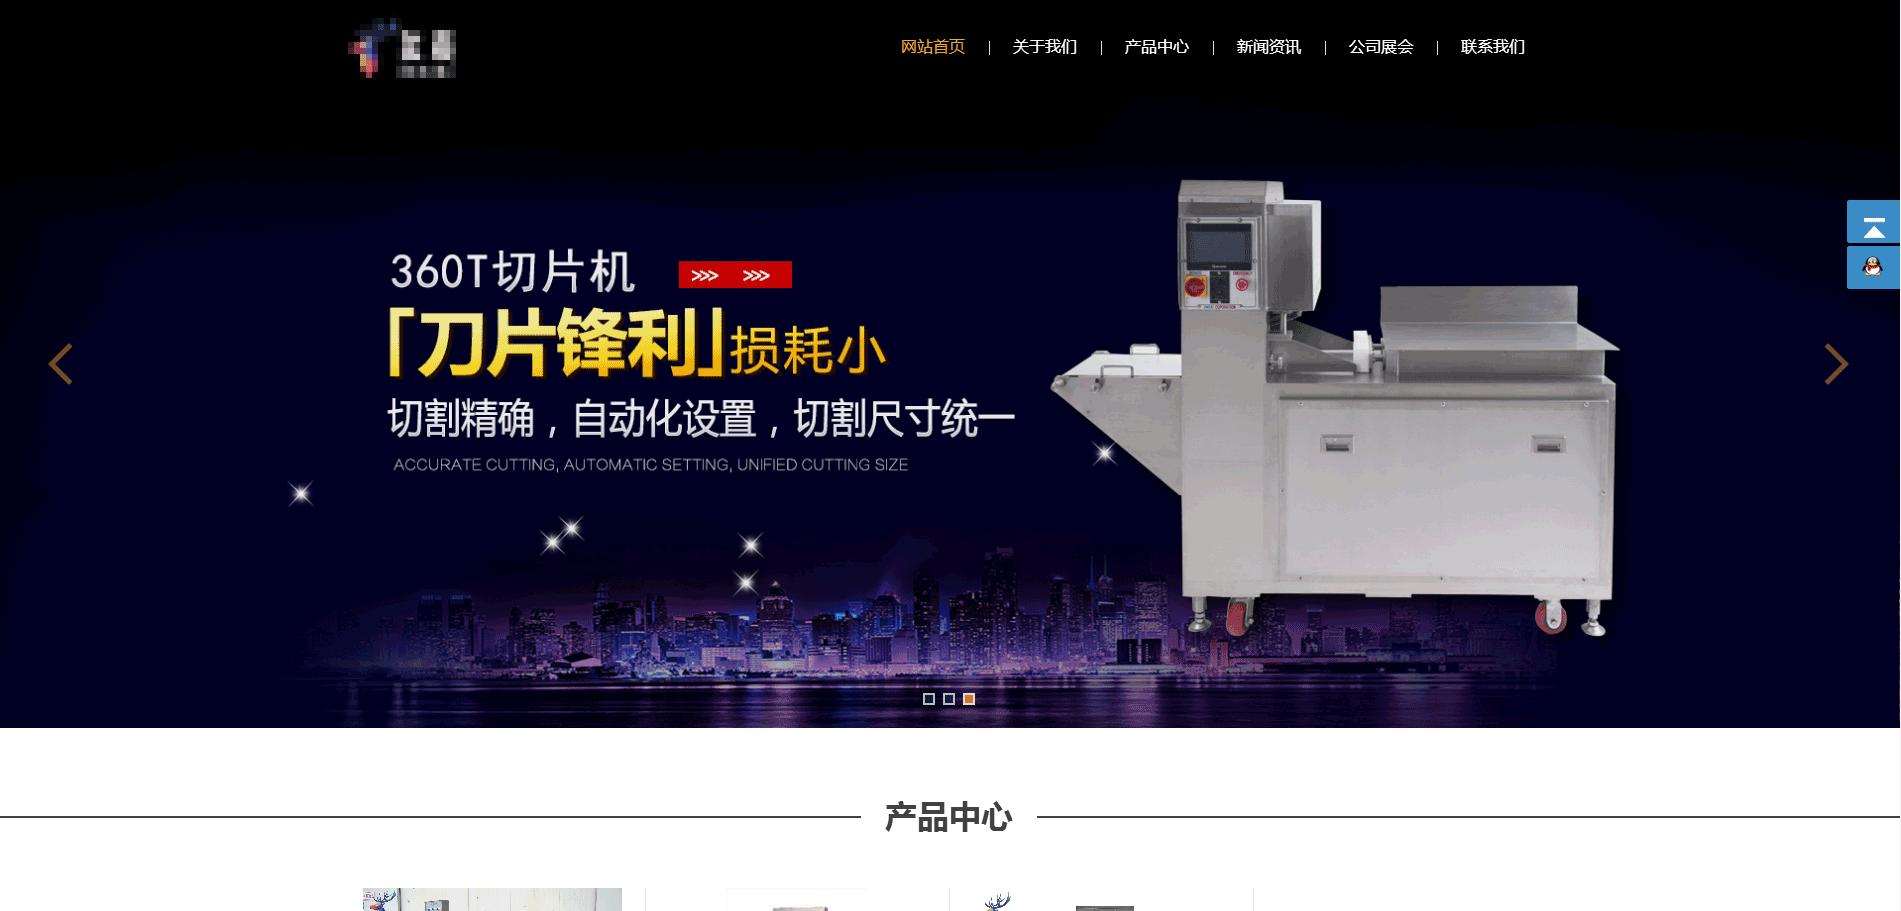 机械企业官网 响应式网站